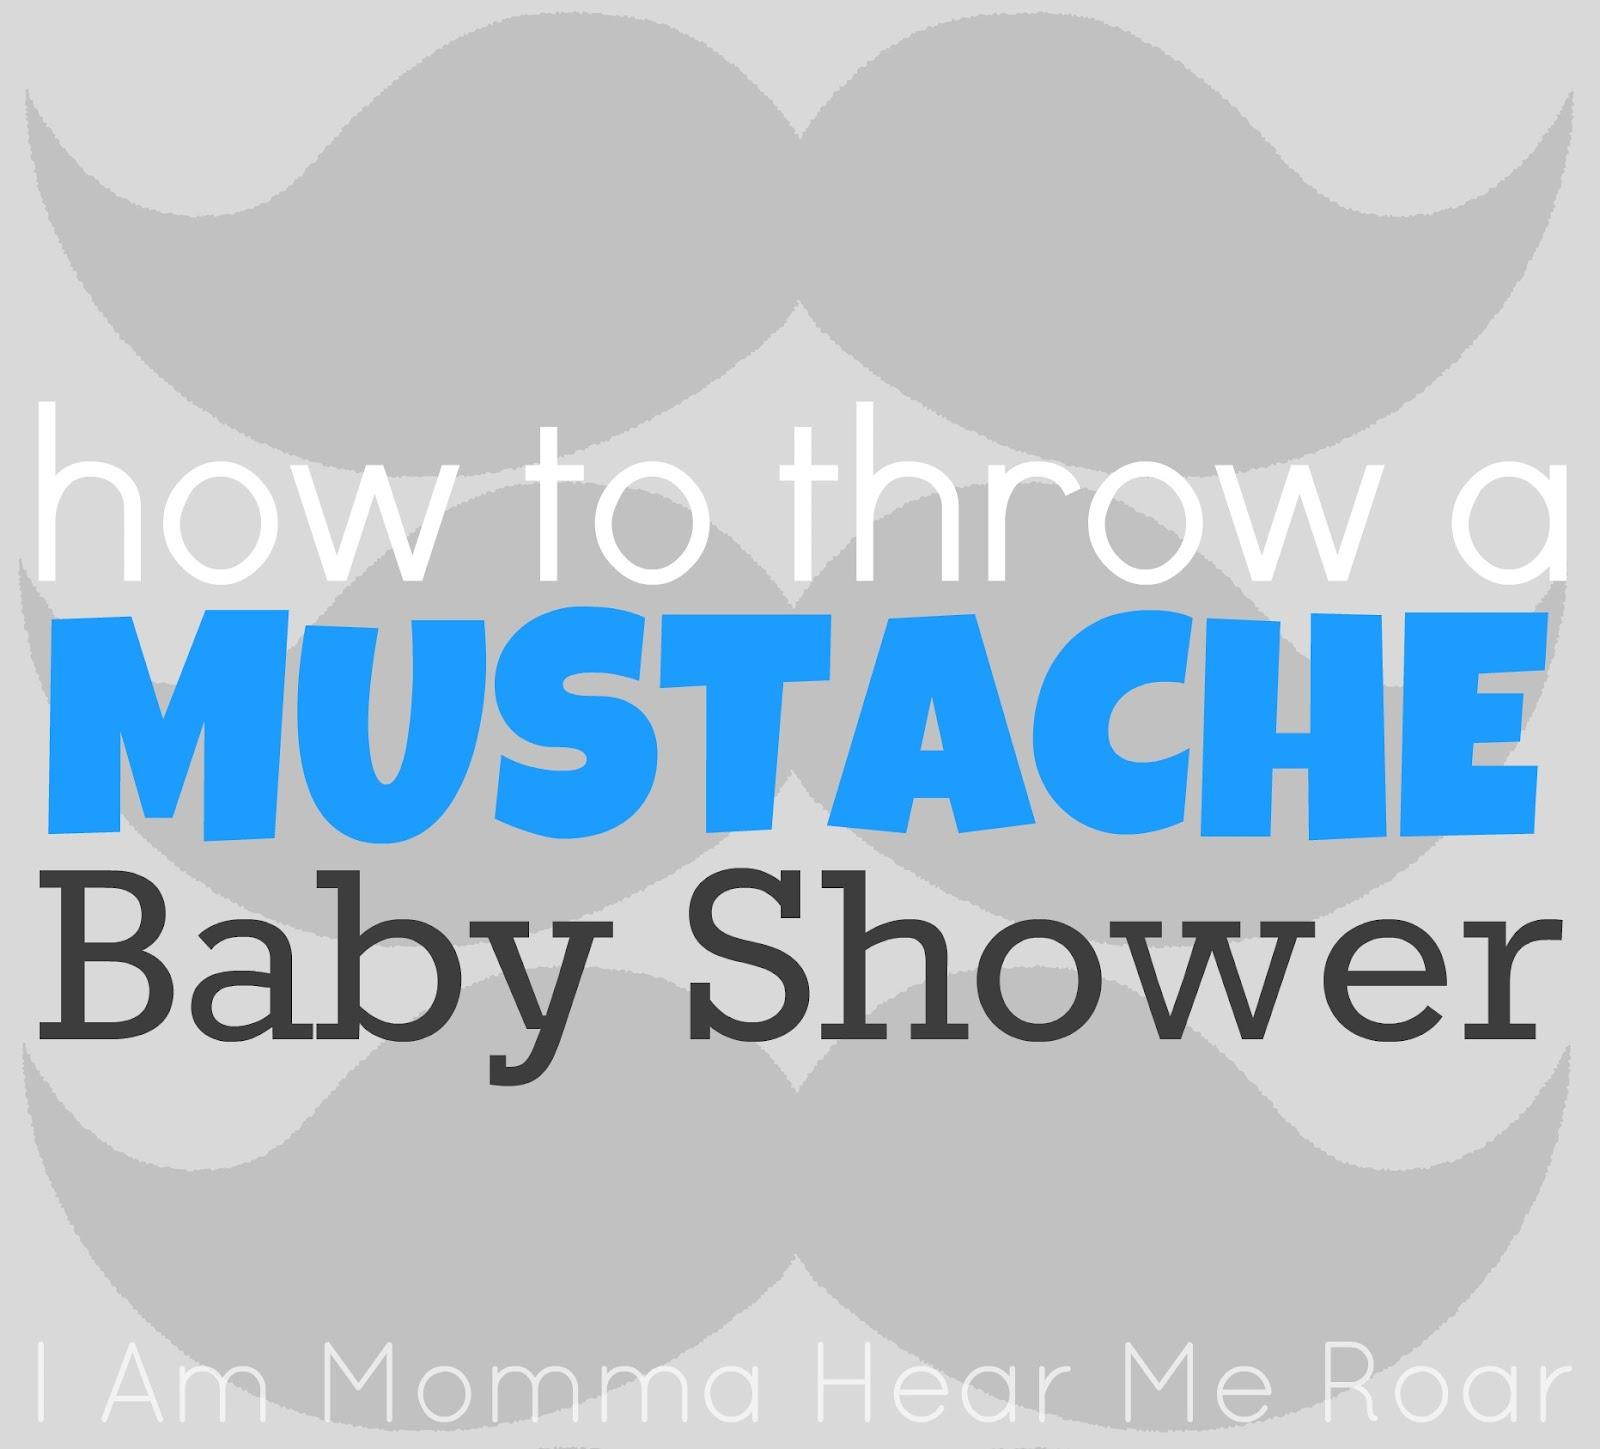 Baby Shower Mustache Theme: Hear Me Roar: Mustache Baby Shower